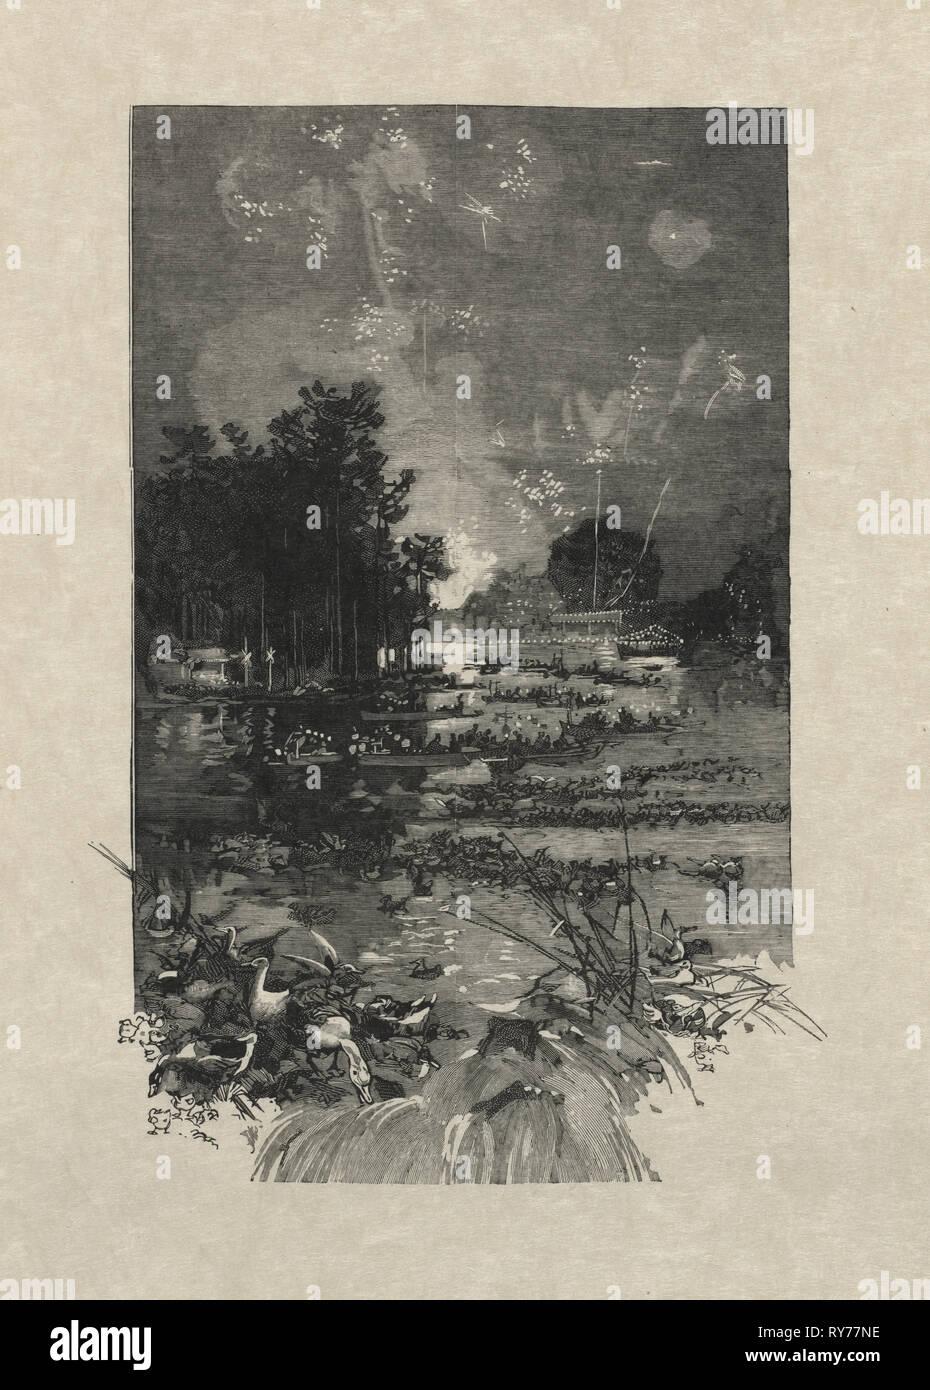 Le Monde Illustré, 14. Juni 1884: Das Festival für die Opfer der Pflicht, 1884. Louis Auguste Lepère (Französisch, 1849-1918). Holzstich; Blatt: 31,2 x 46,3 cm (12 5/16 x 18 1/4 in.); Bild: 21,2 x 14,6 cm (8 3/8 x 5 3/4 in Stockbild